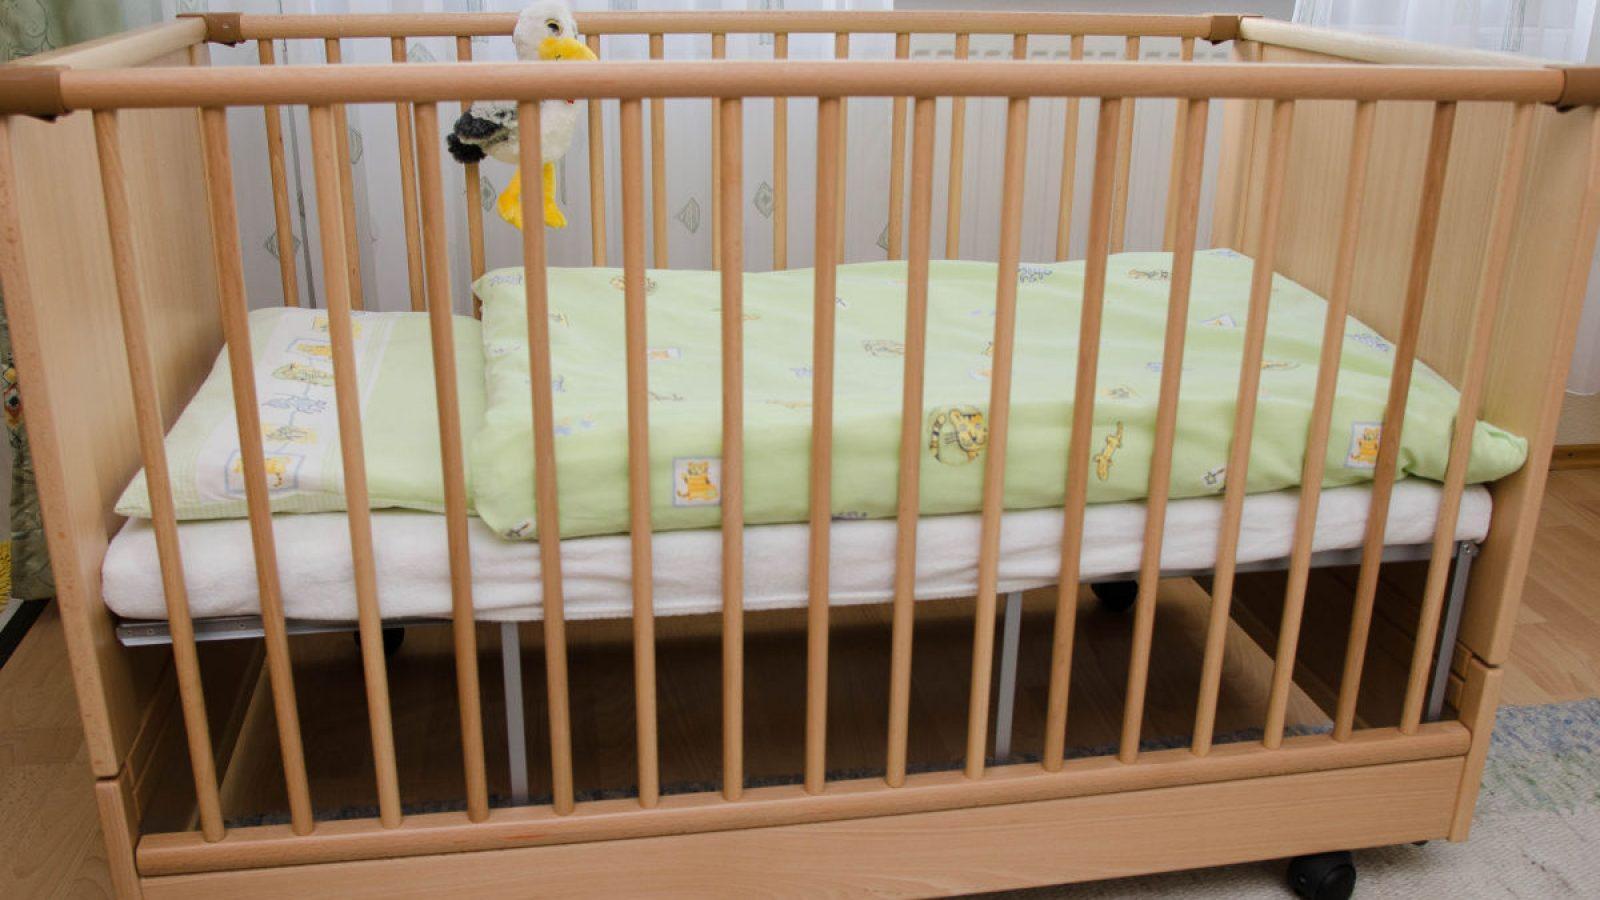 kinderbett-hoehenverstellbar